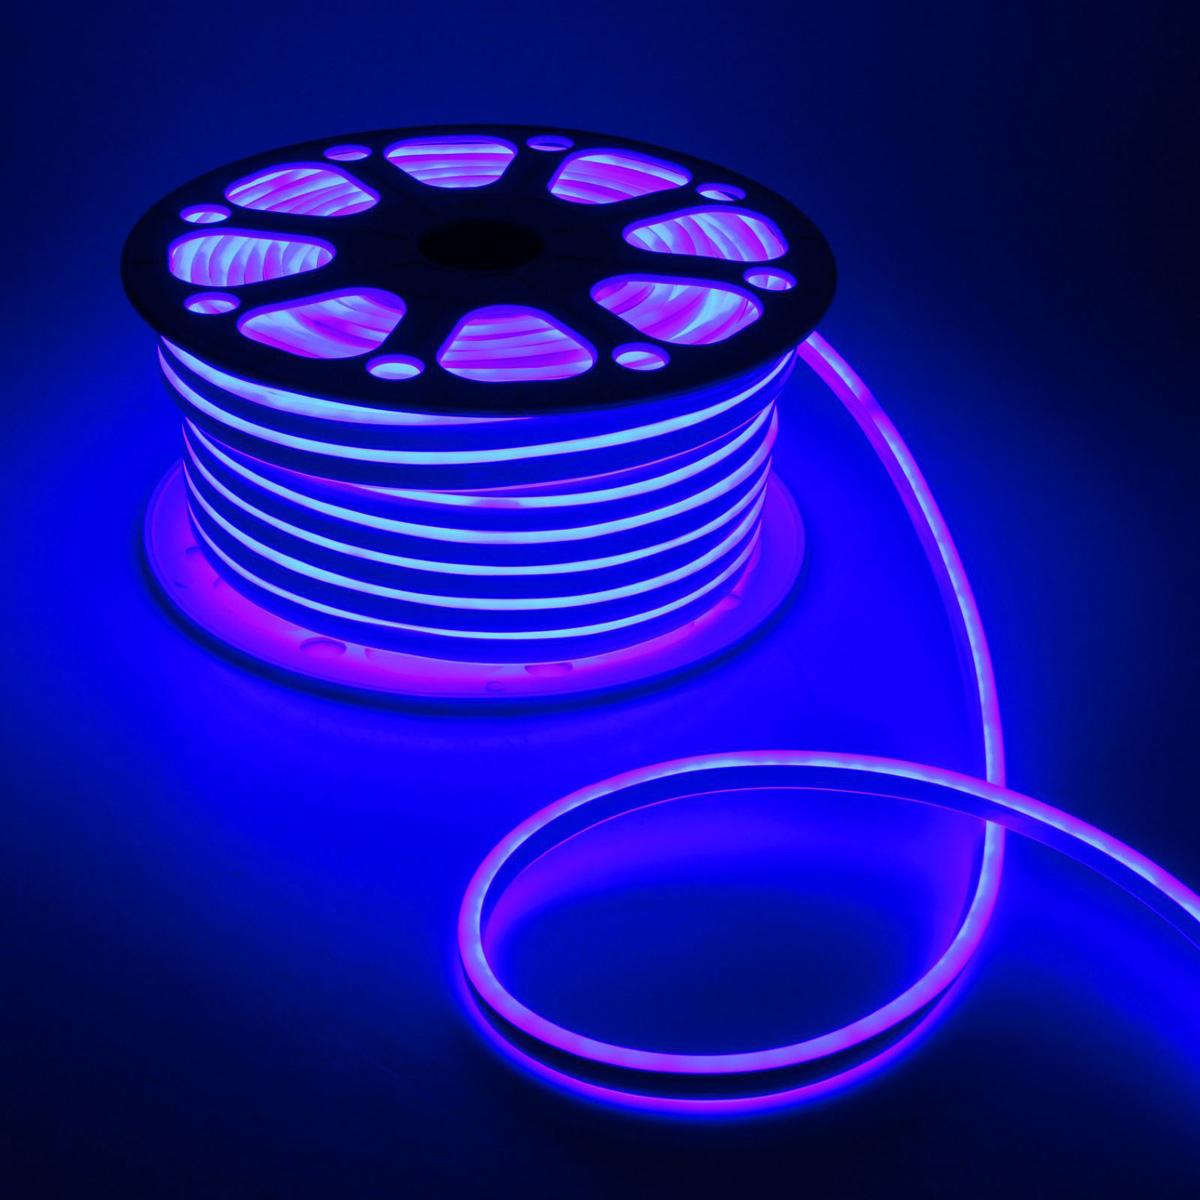 Гирлянда светодиодная Luazon, 120 ламп, 220 V, цвет: синий, 0,8 см х 1,8 см х 50 м. 14312901431290Светодиодные гирлянды, ленты и т.д — это отличный вариант для новогоднего оформления интерьера или фасада. С их помощью помещение любого размера можно превратить в праздничный зал, а внешние элементы зданий, украшенные ими, мгновенно станут напоминать очертания сказочного дворца. Такие украшения создают ауру предвкушения чуда. Деревья, фасады, витрины, окна и арки будто специально созданы, чтобы вы украсили их светящимися нитями.